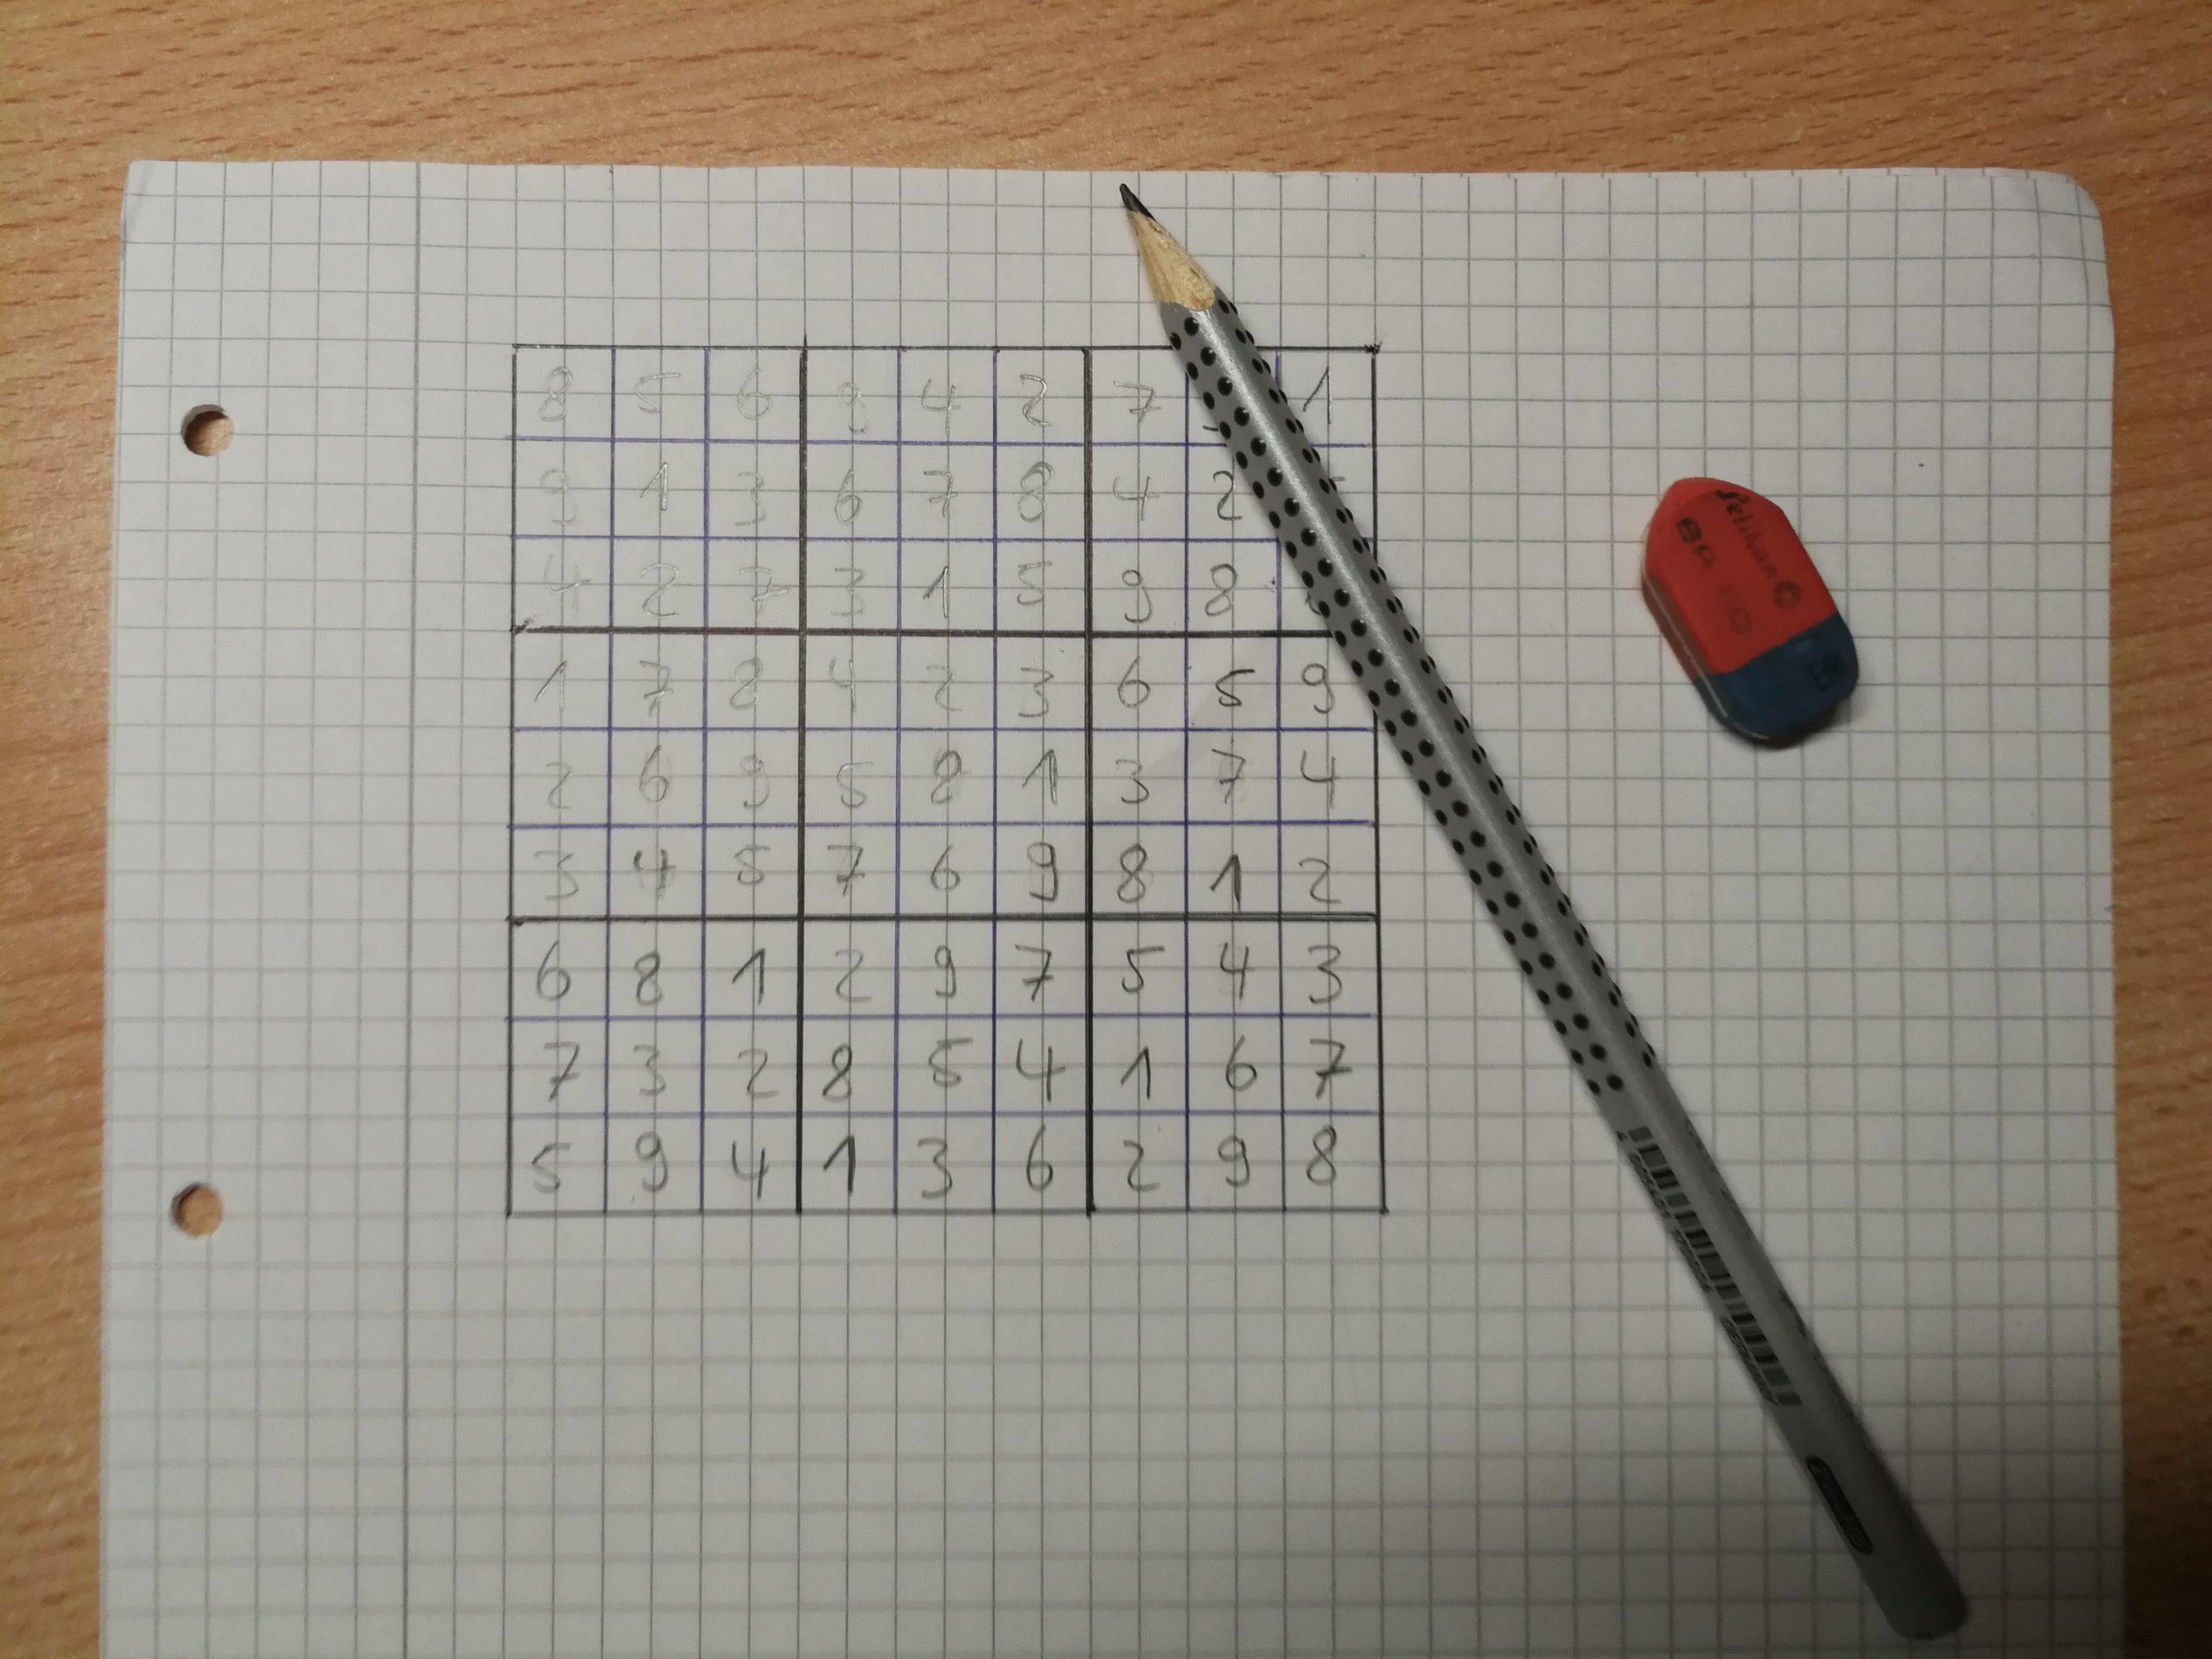 Sudoku Selber Erstellen: Zahlenrätsel Von Hand & Mit Dem Pc für Sudoku Selber Machen